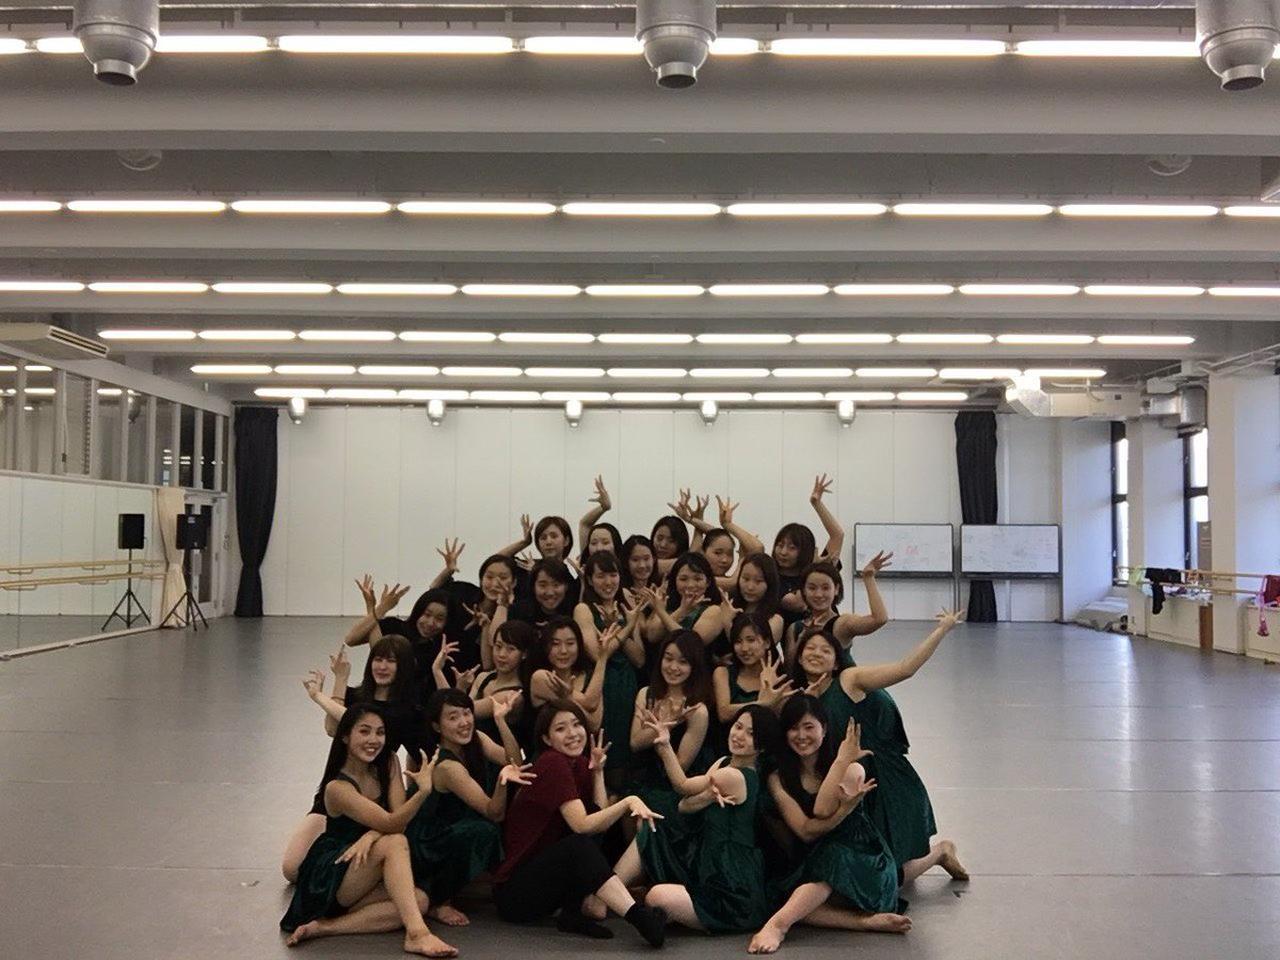 画像: 武庫川女子大学 ダンス部 (@mwudance) | Twitter